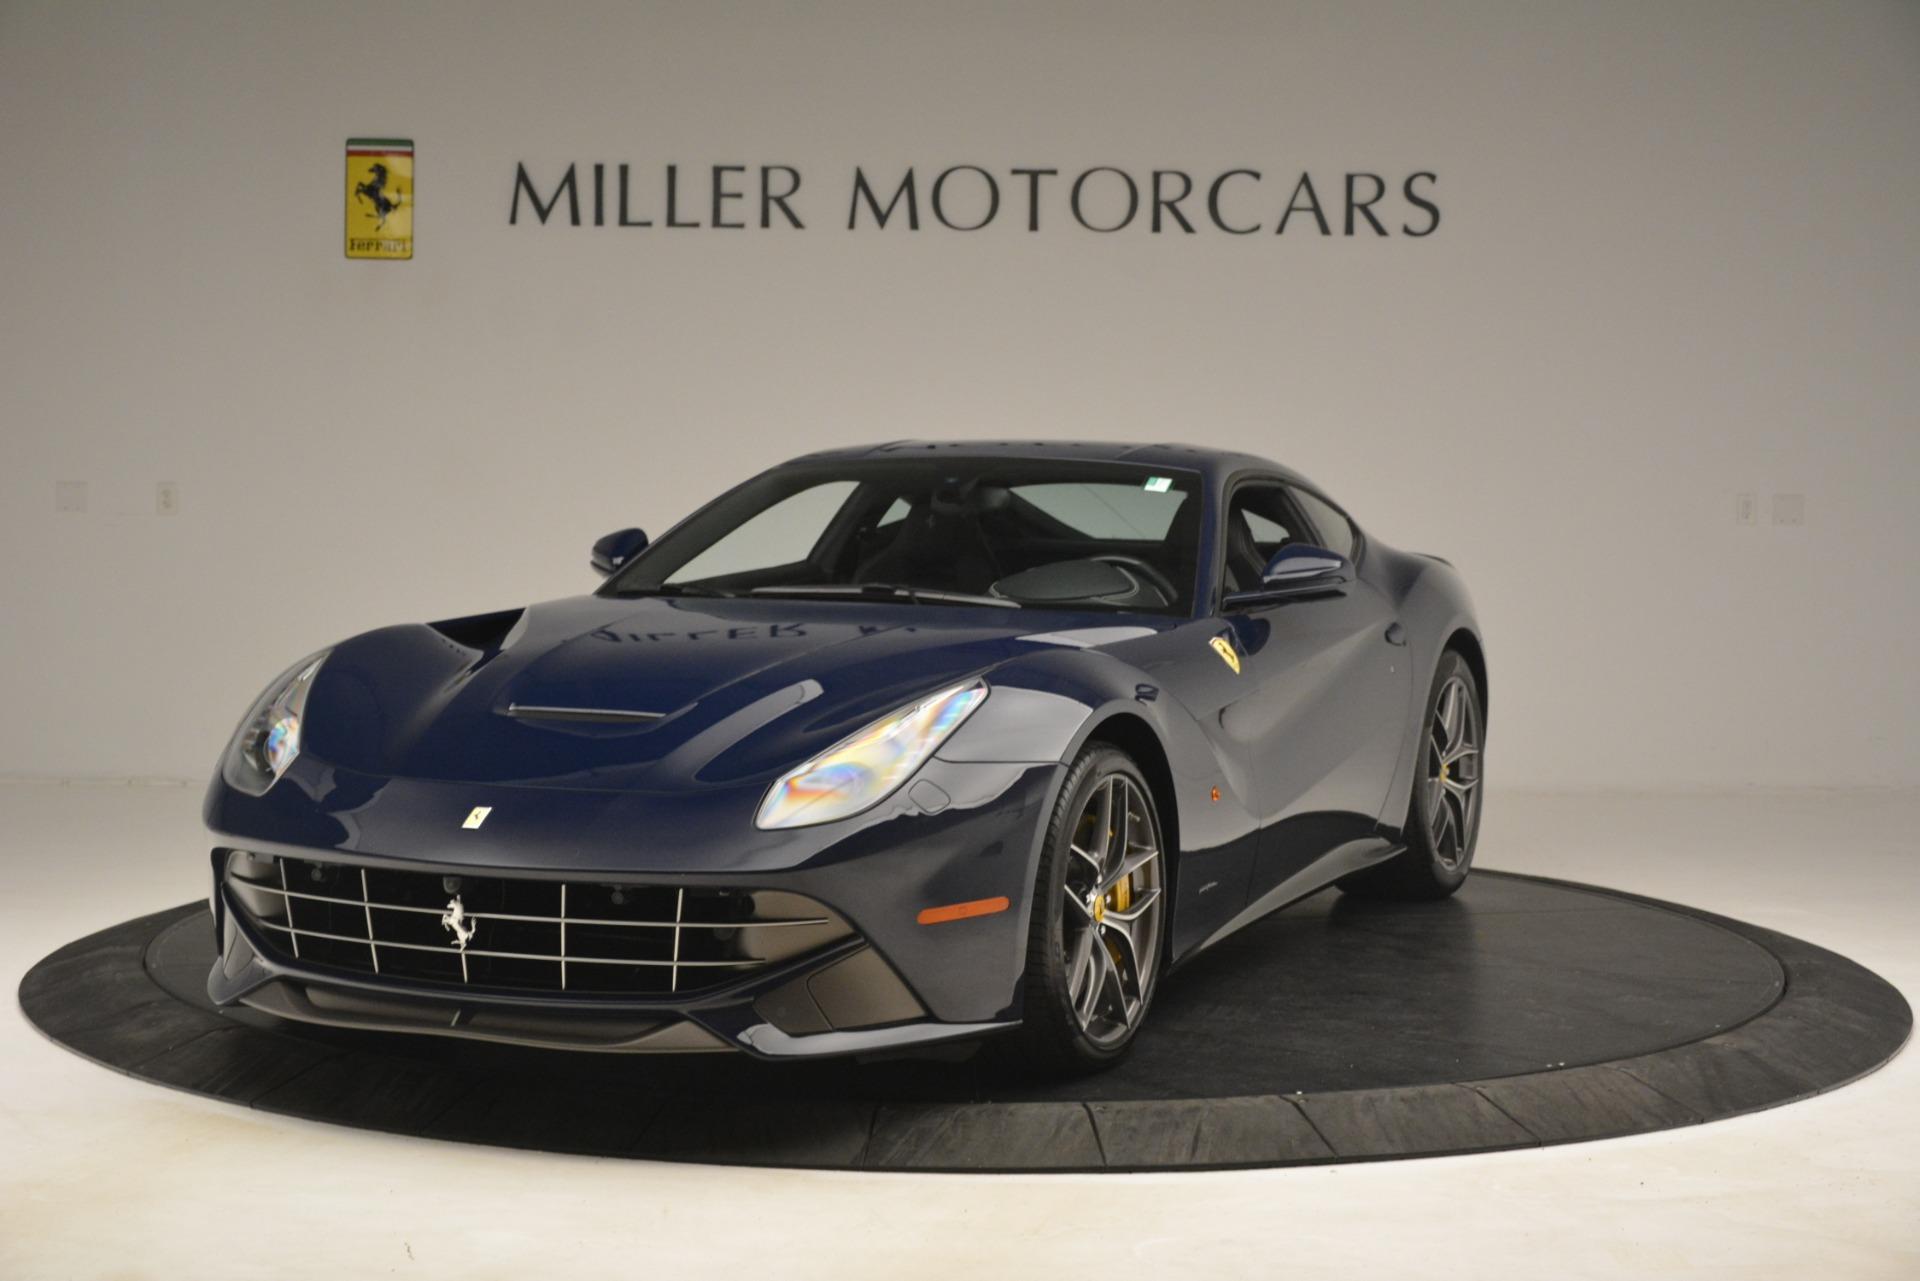 Used 2016 Ferrari F12 Berlinetta for sale Sold at Bugatti of Greenwich in Greenwich CT 06830 1